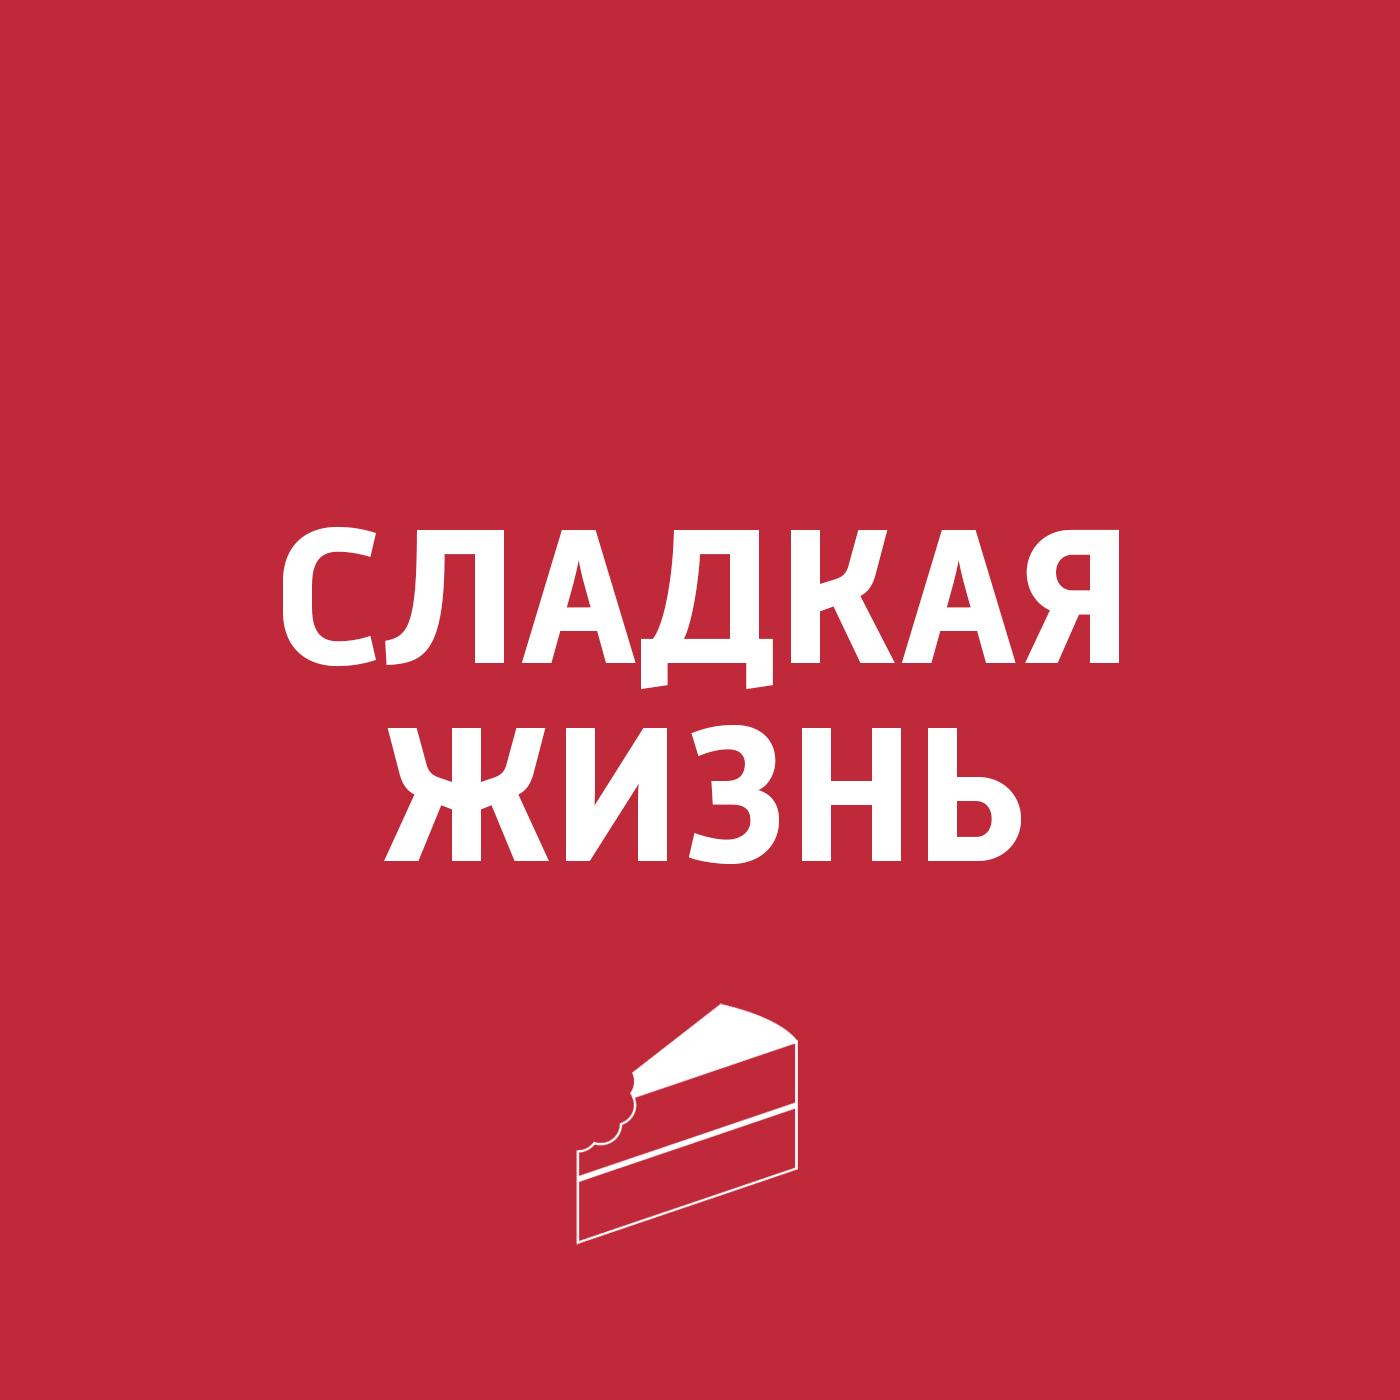 Картаев Павел Ом Али (Умм Али) для рыбалки с али вк